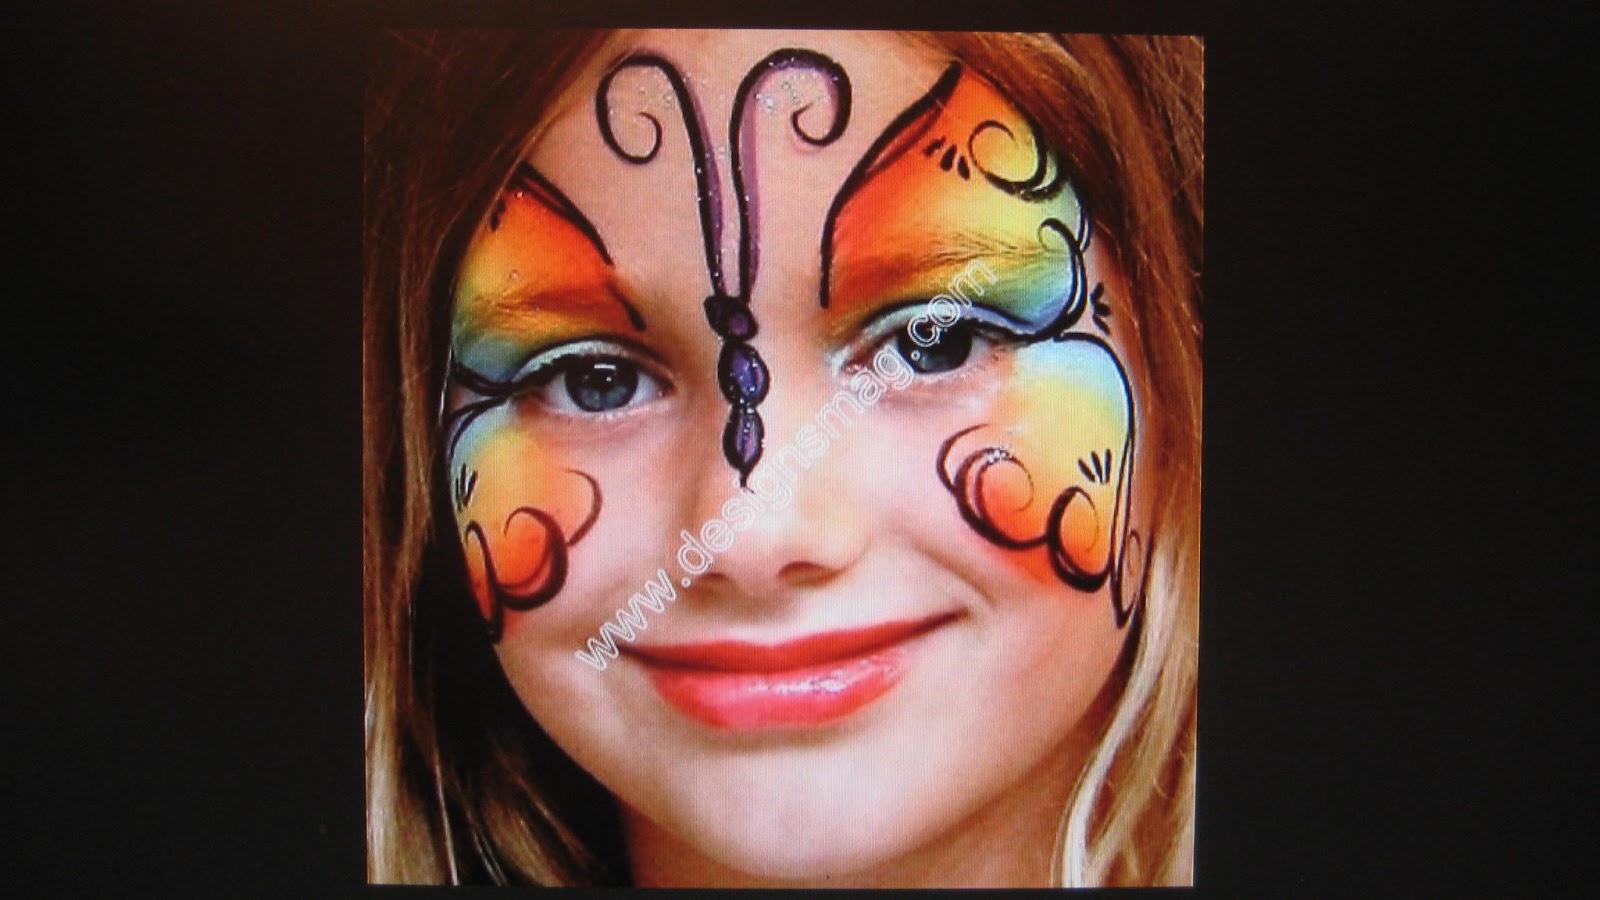 Розмальоване лице фото 18 фотография